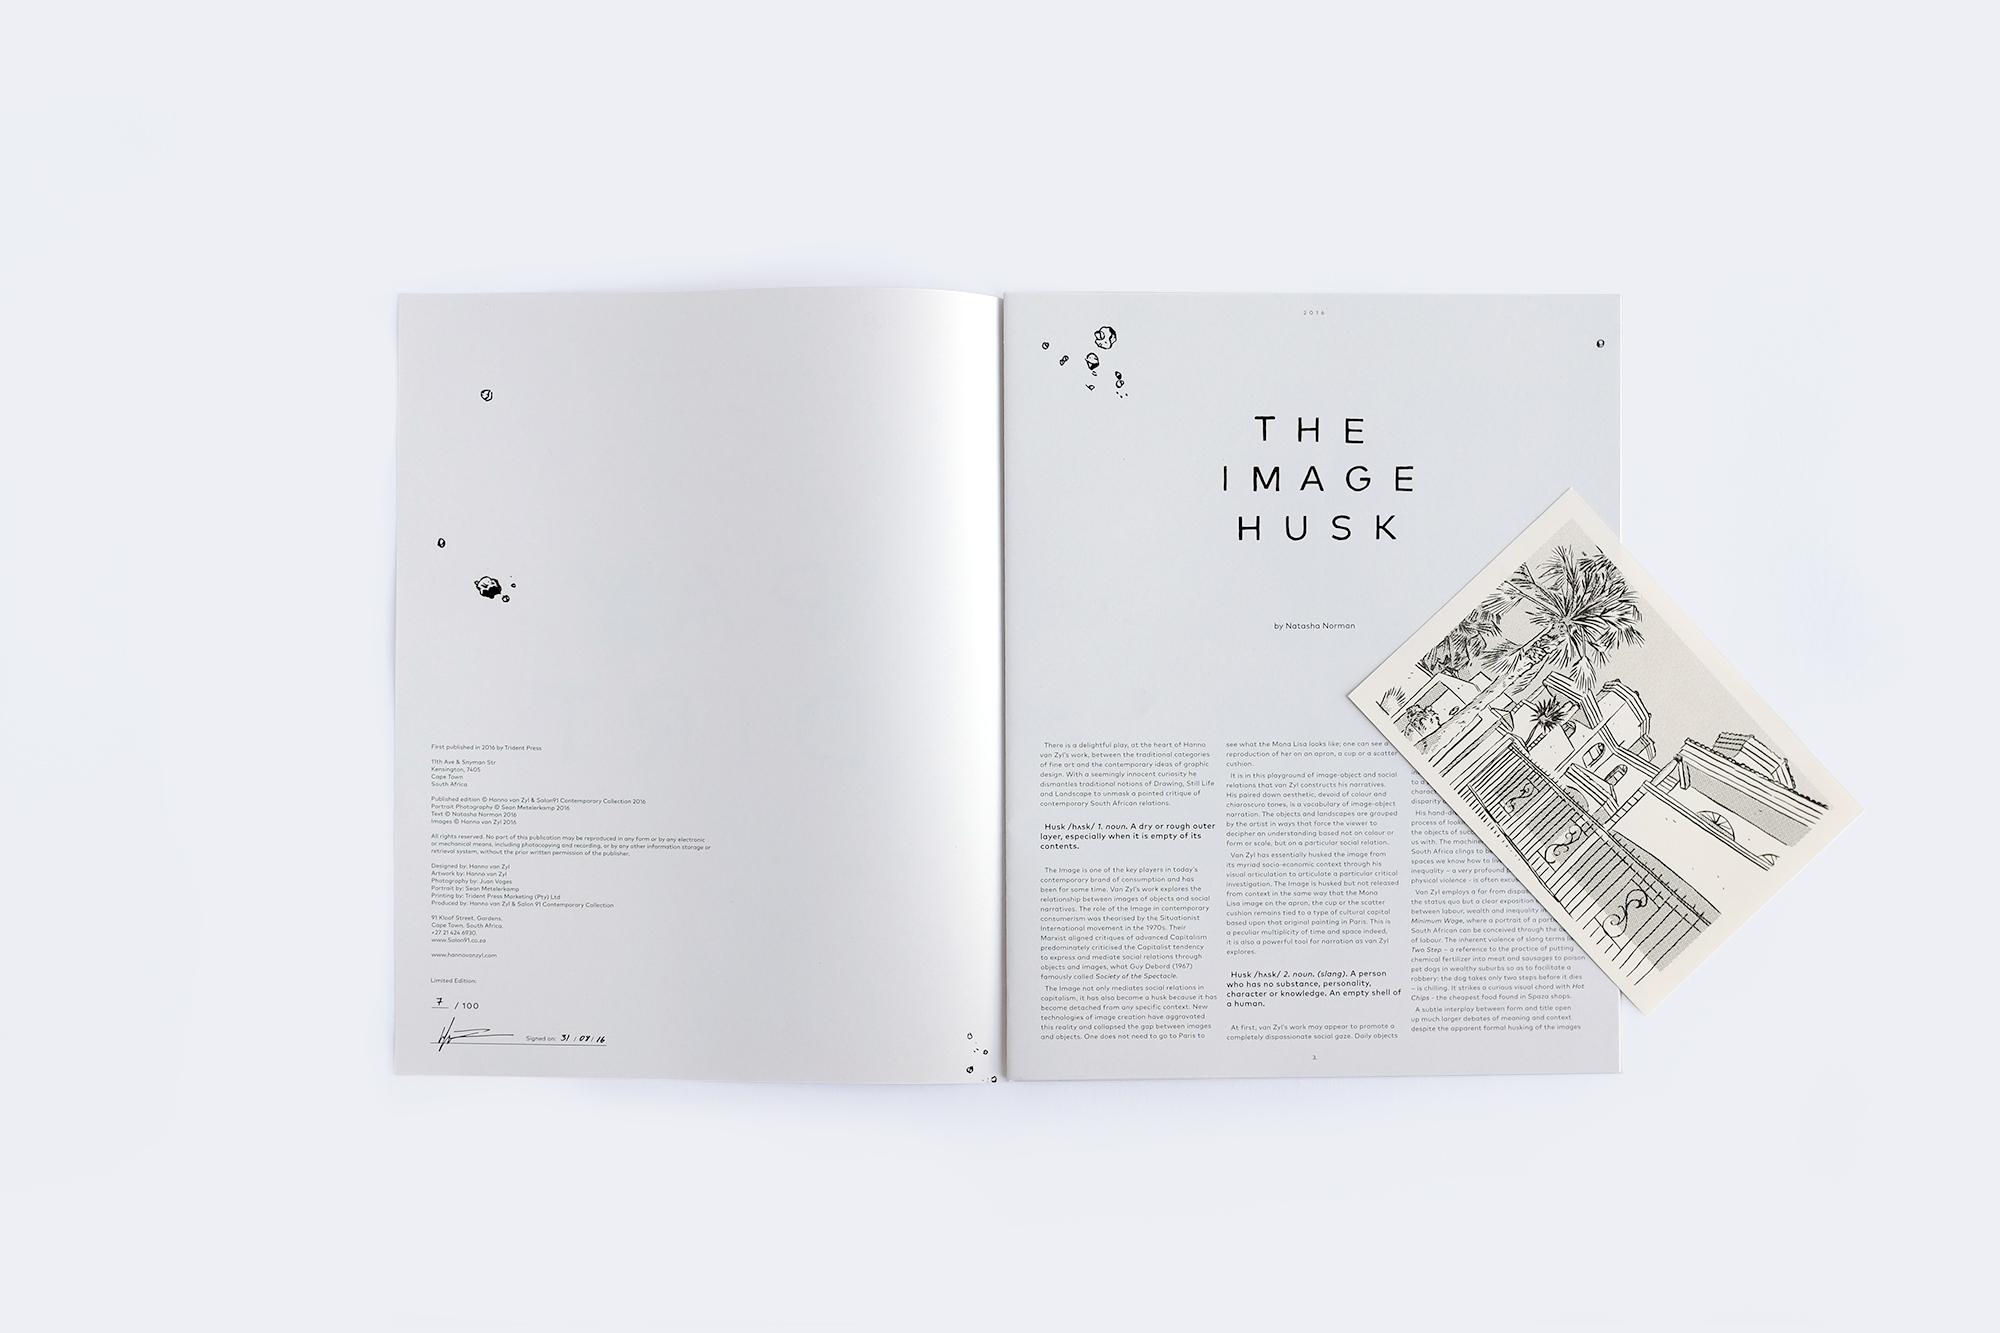 DSCF8100 copy